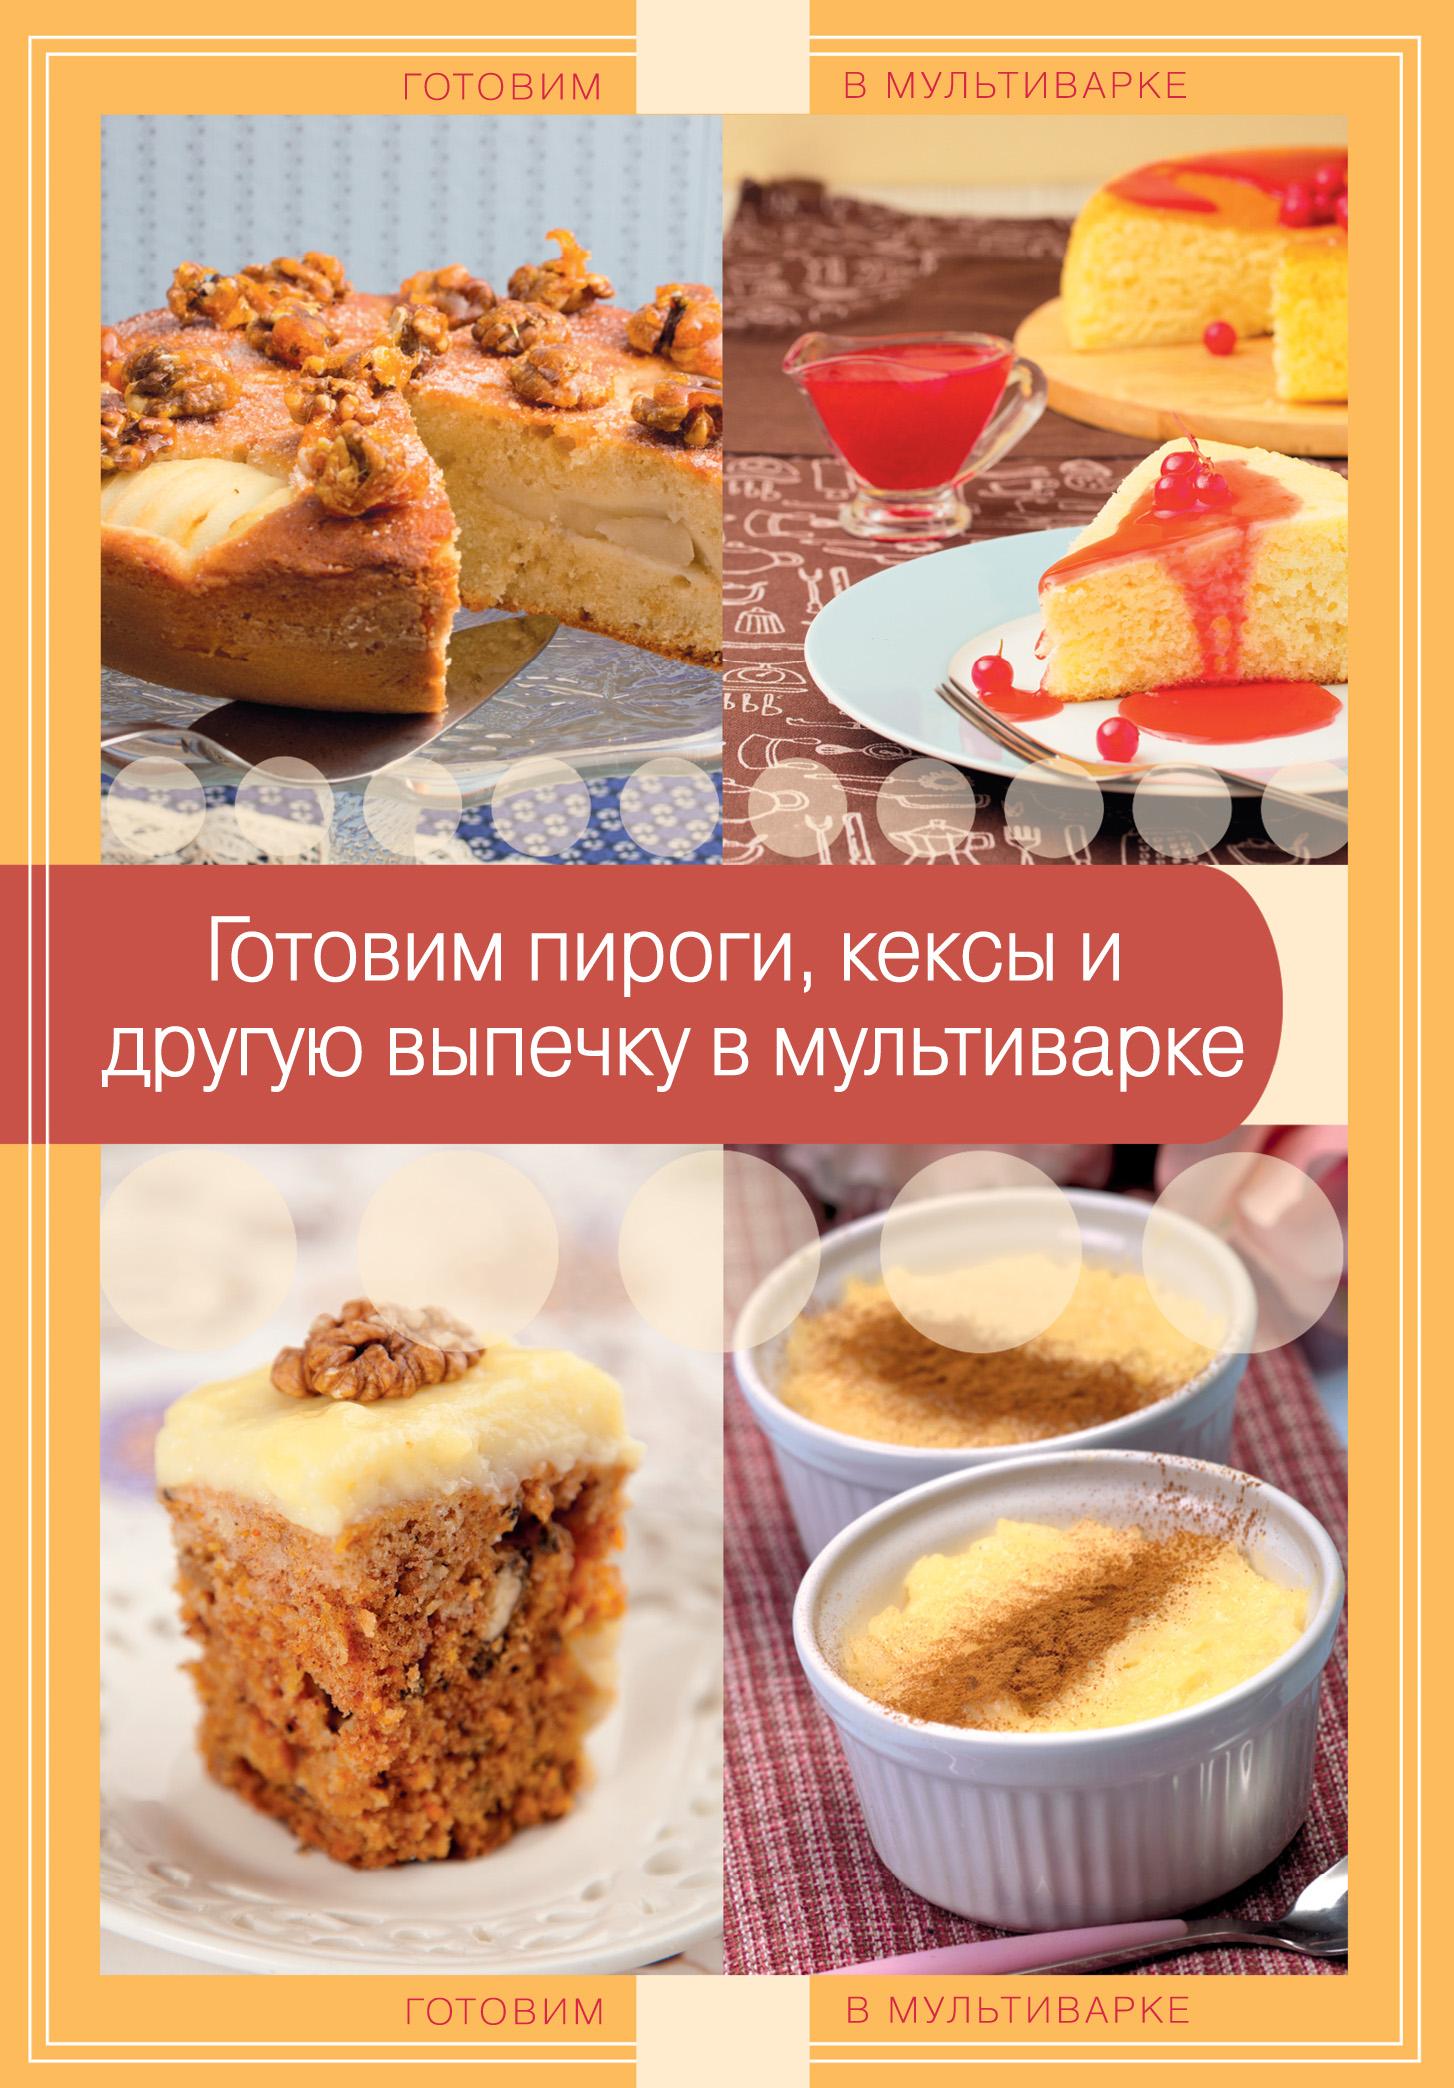 Готовим пироги, кексы и другую выпечку в мультиварке